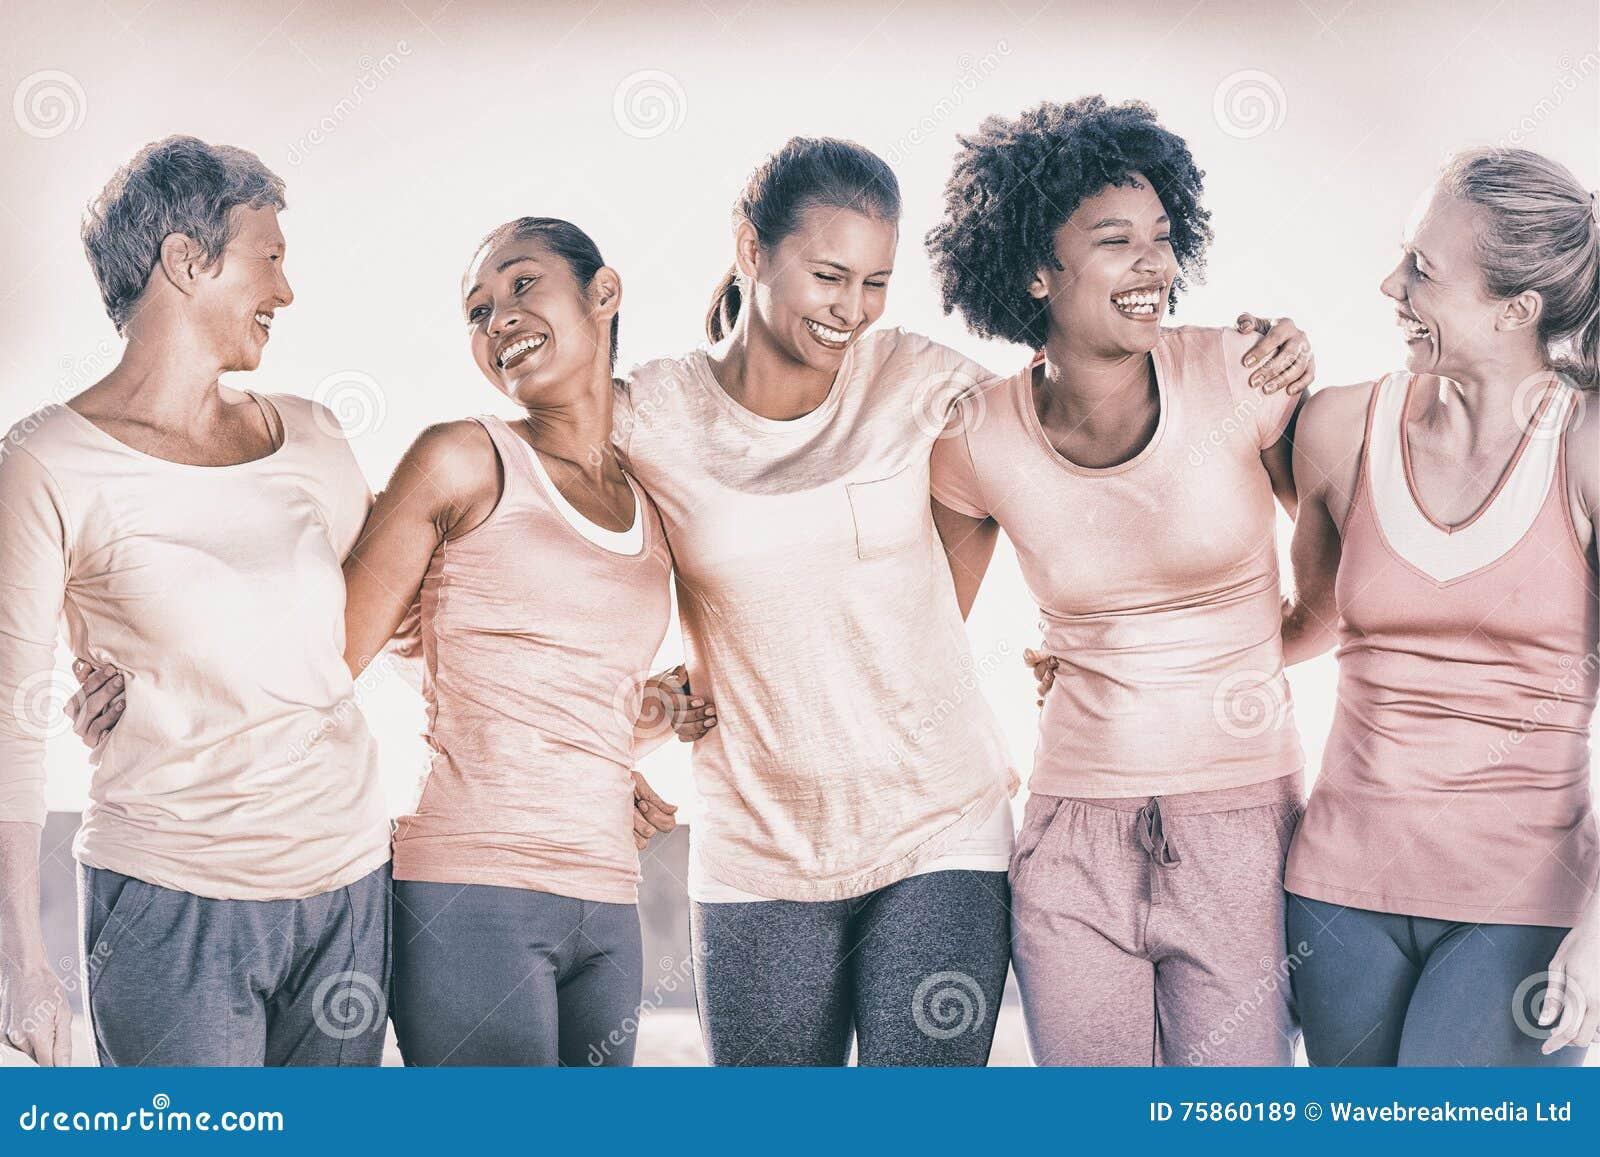 Lachende Frauen, die Rosa für Brustkrebs tragen